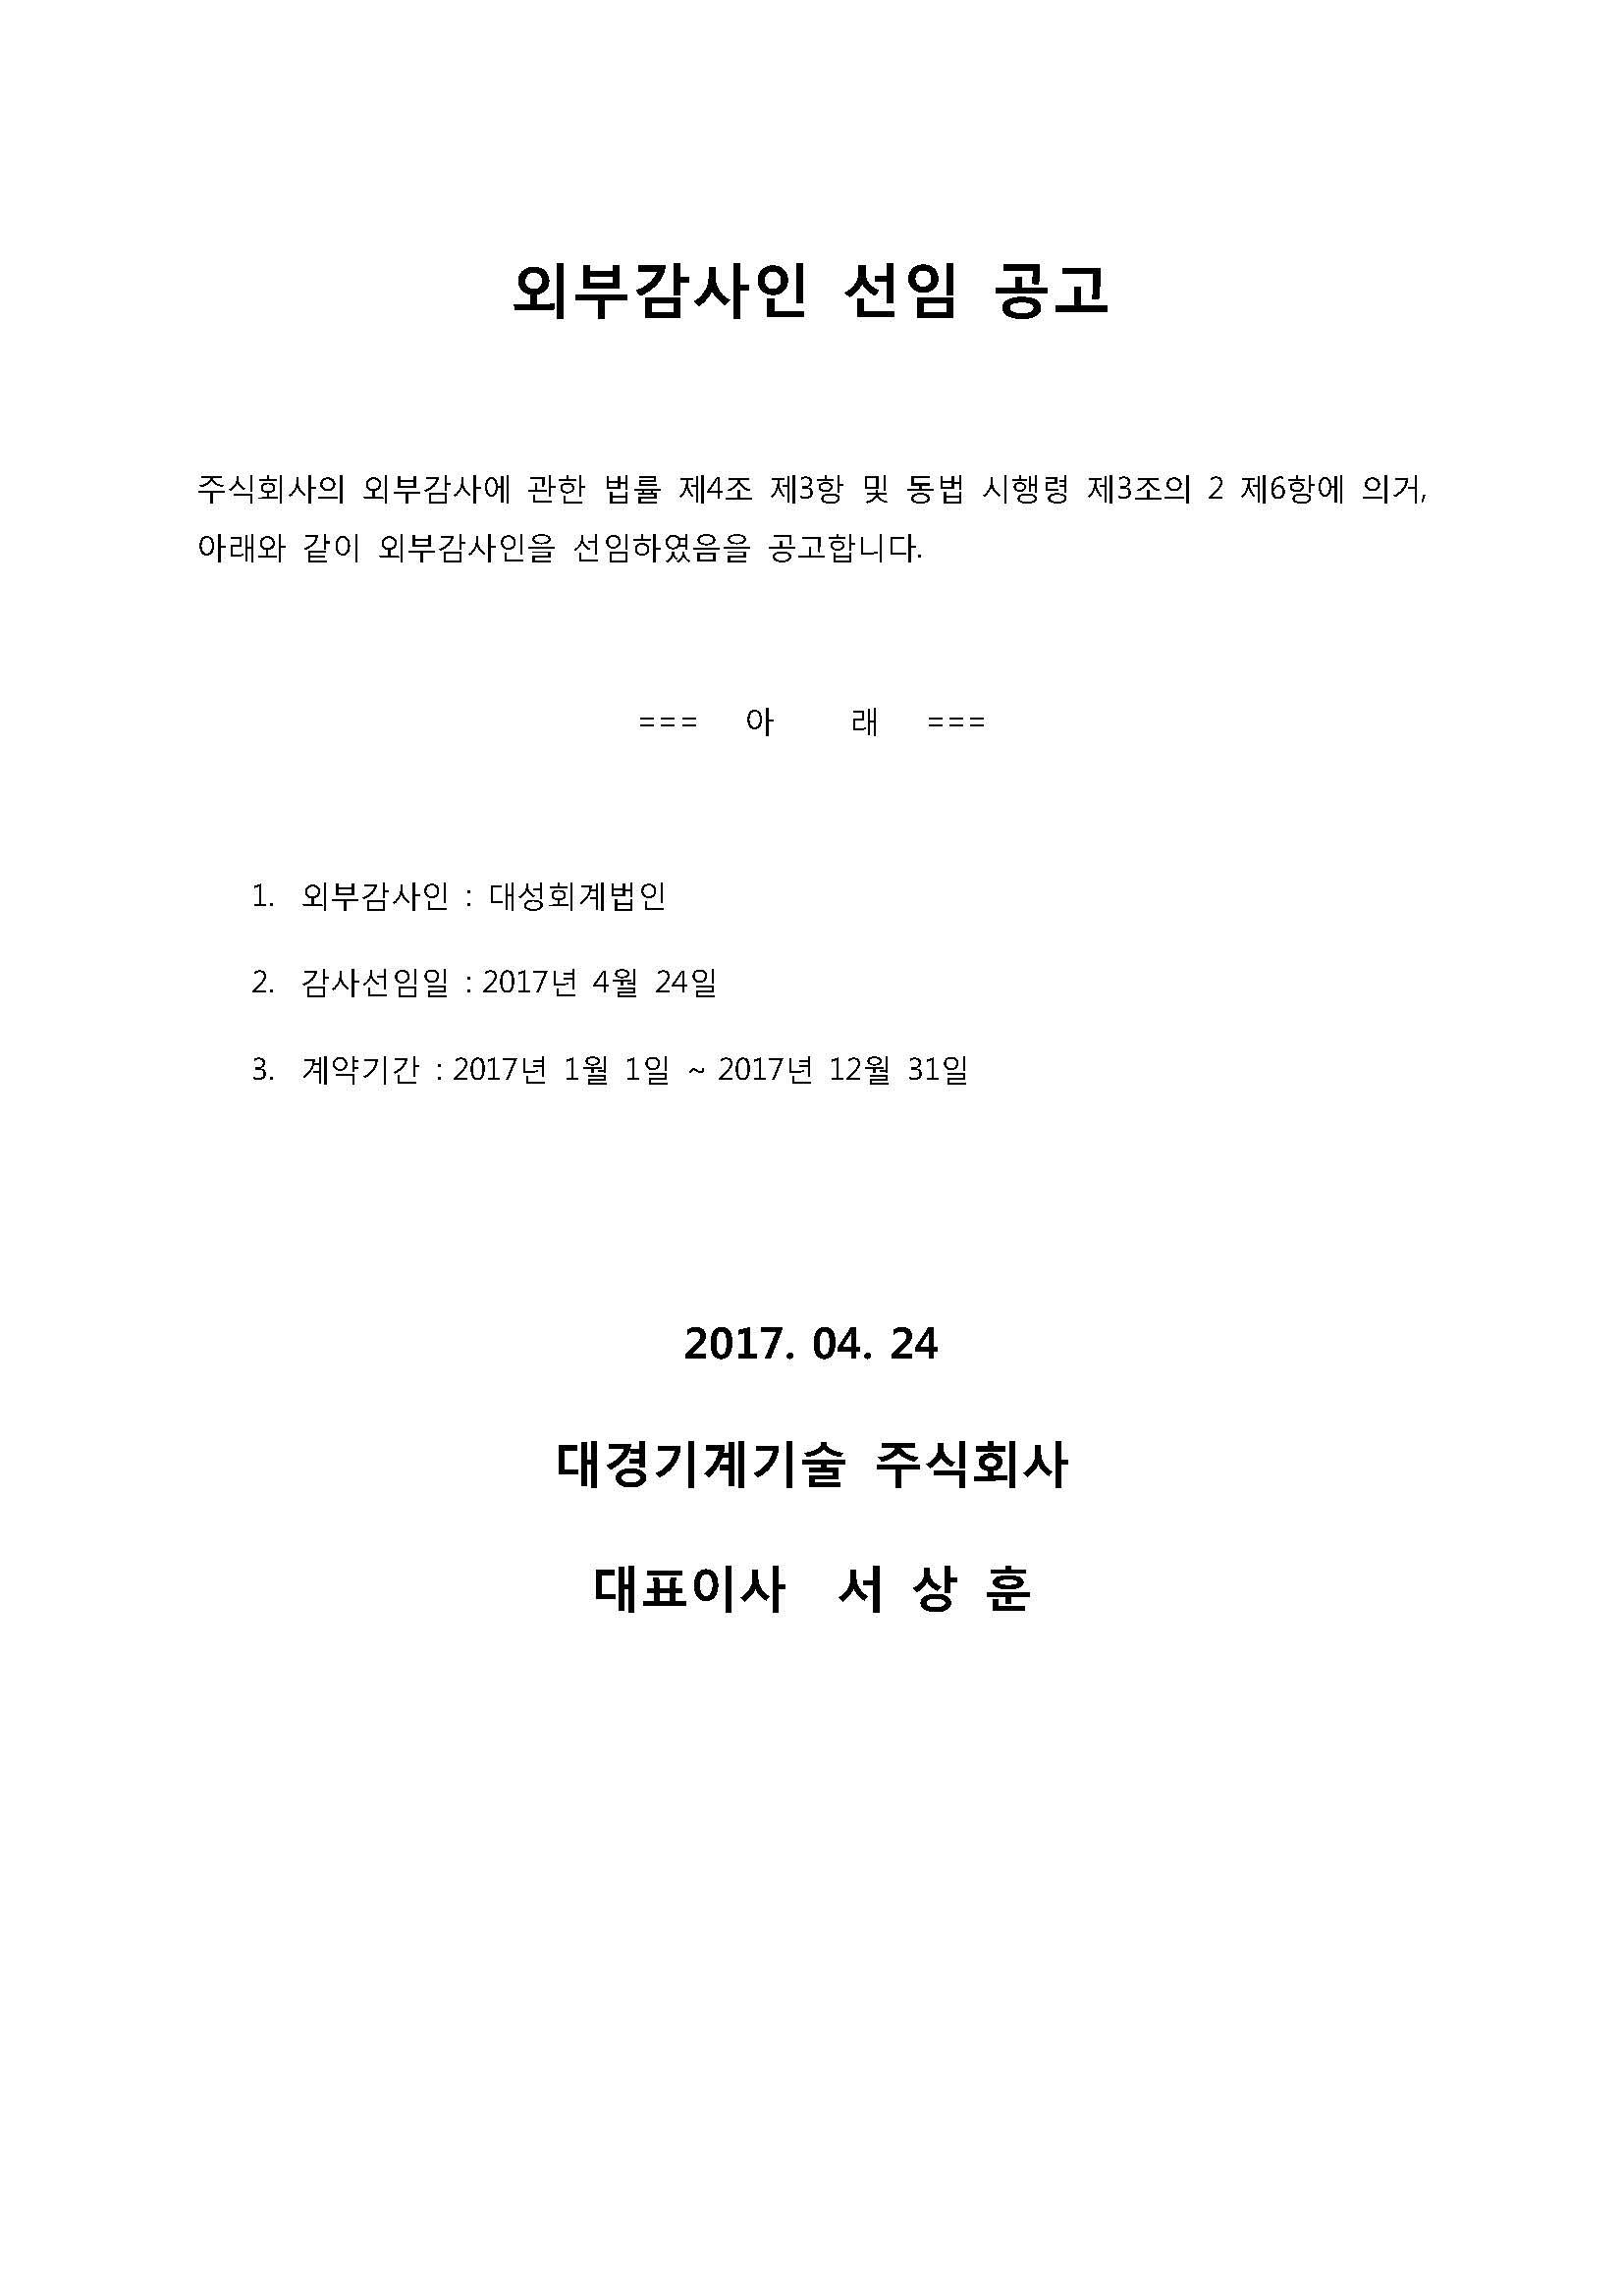 외부감사인 선임 공고(2017년도).jpg